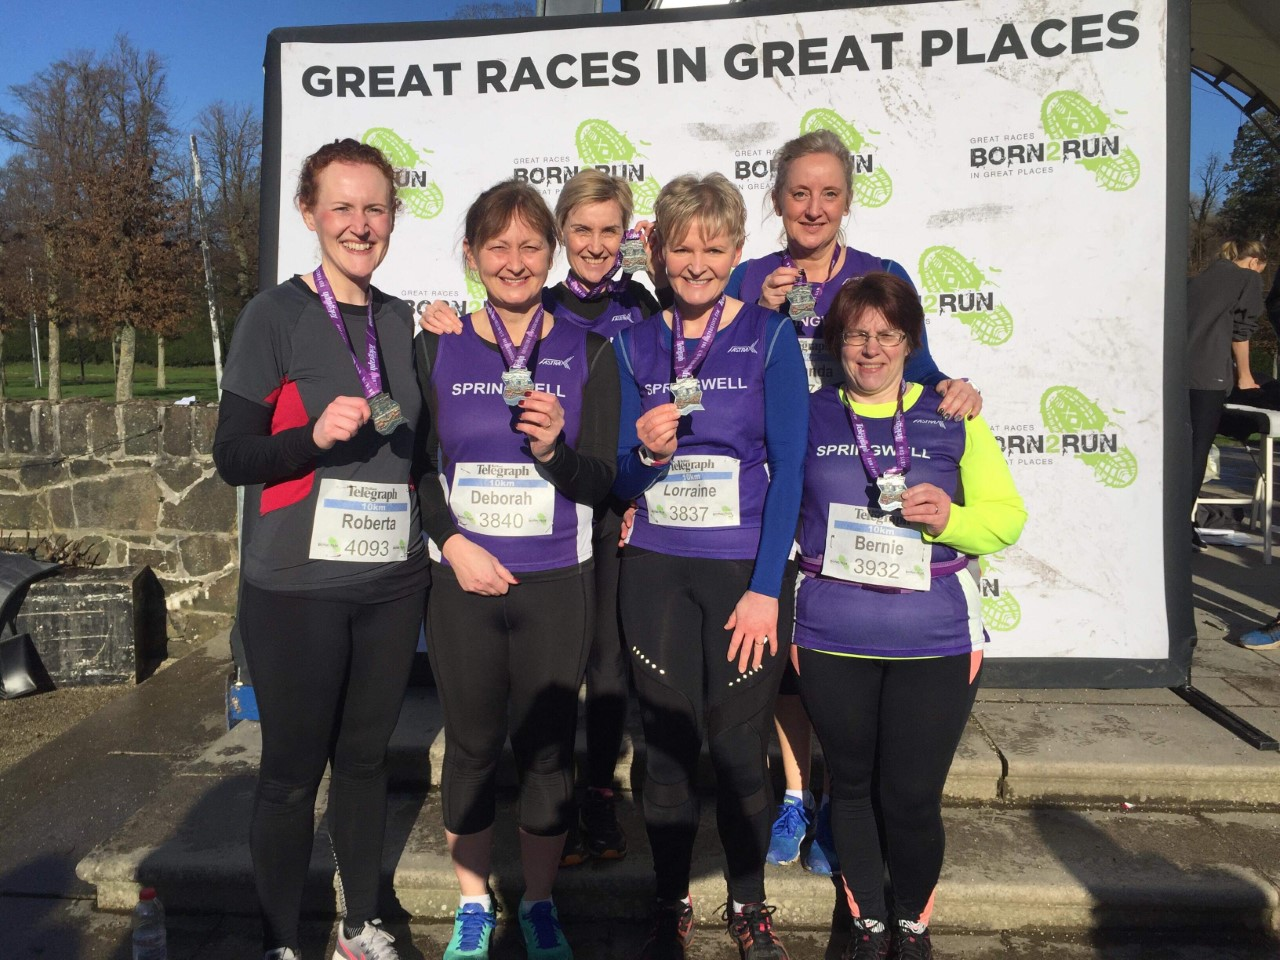 Roberta McKenzie, Deborah Archibald, Nicola Stewart, Lorraine Abernethy, Amanda Scott and Bernie Drain.